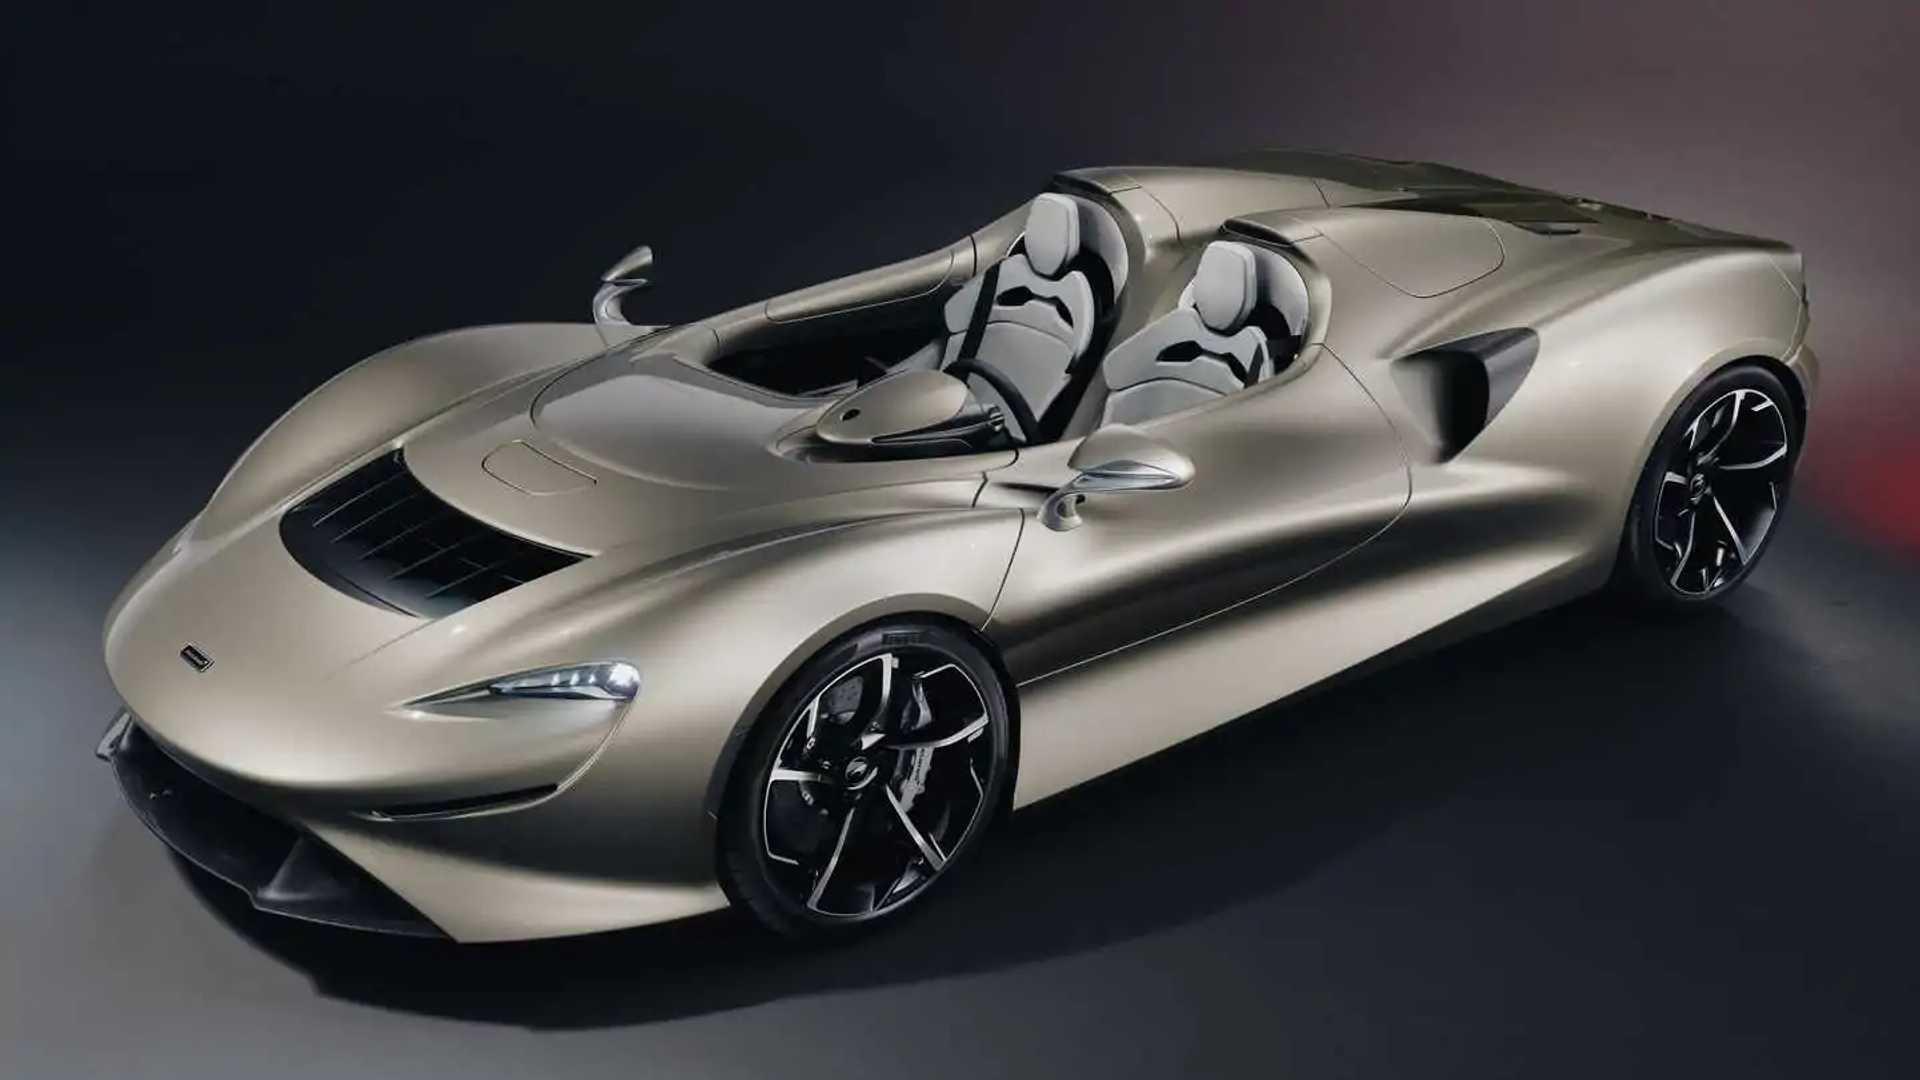 McLaren Elva Jetset